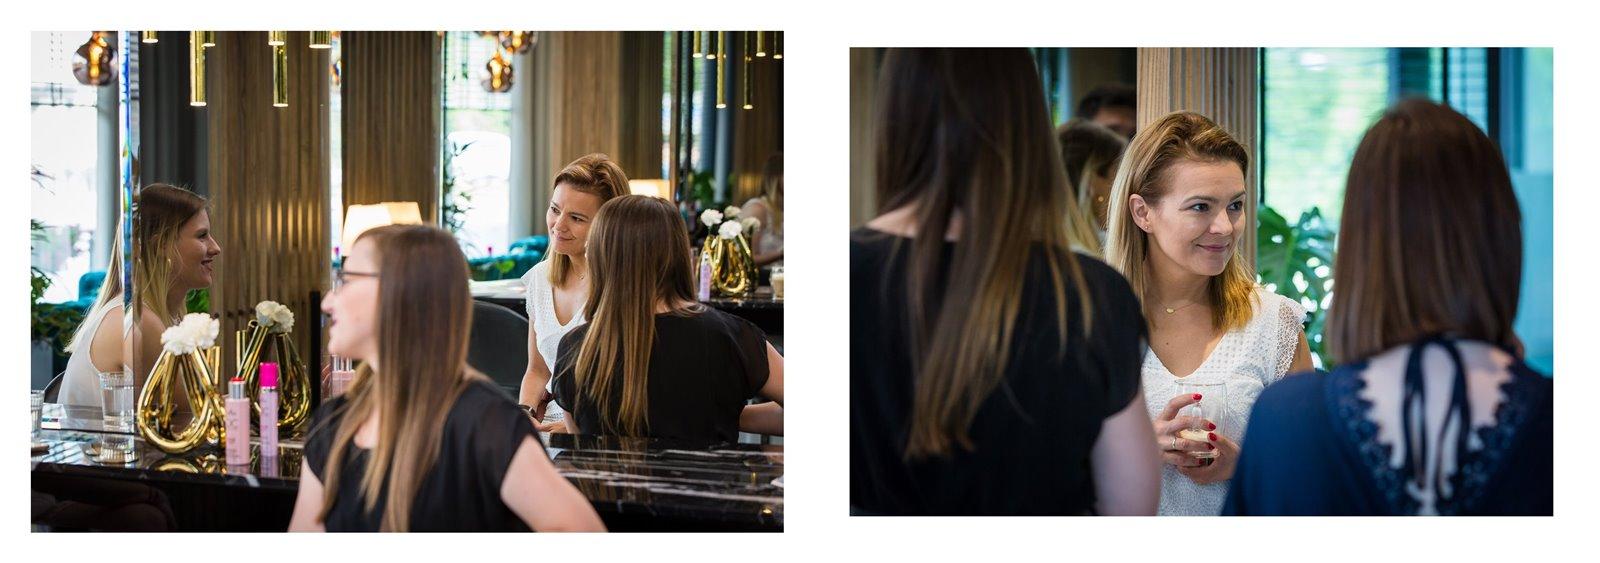 2 Event w łódzkim salonie fryzjerskim LUISSE na temat pielęgnacji BC FIBRE CLINIX Schwarzkopf Professional. Salon fryzjerski Łódź - moja opinia na temat produktów BC Fibre Clinix.